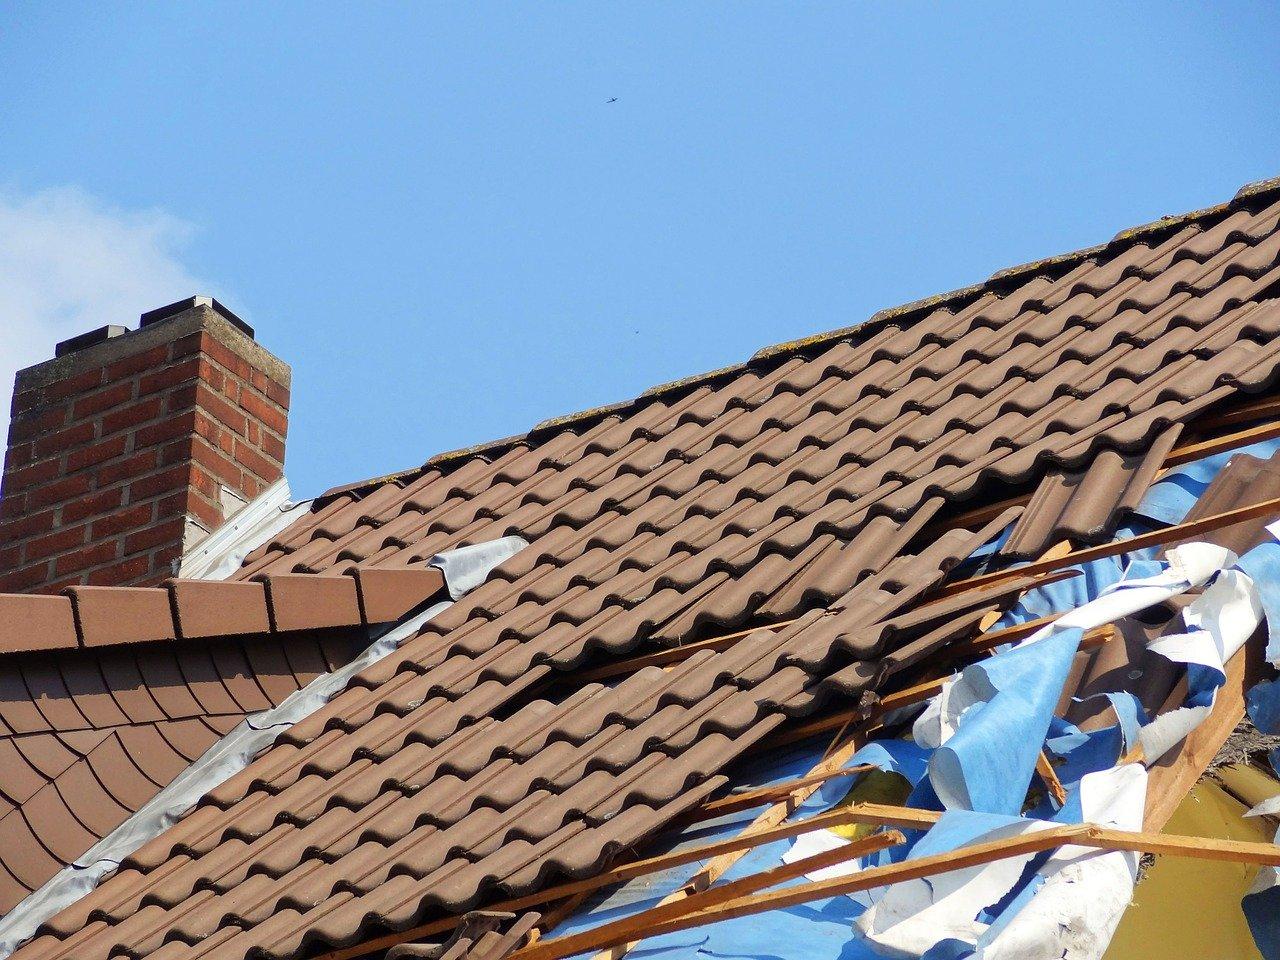 nokvorst reparatie, nokvorst renovatie in 4023 Rijswijk